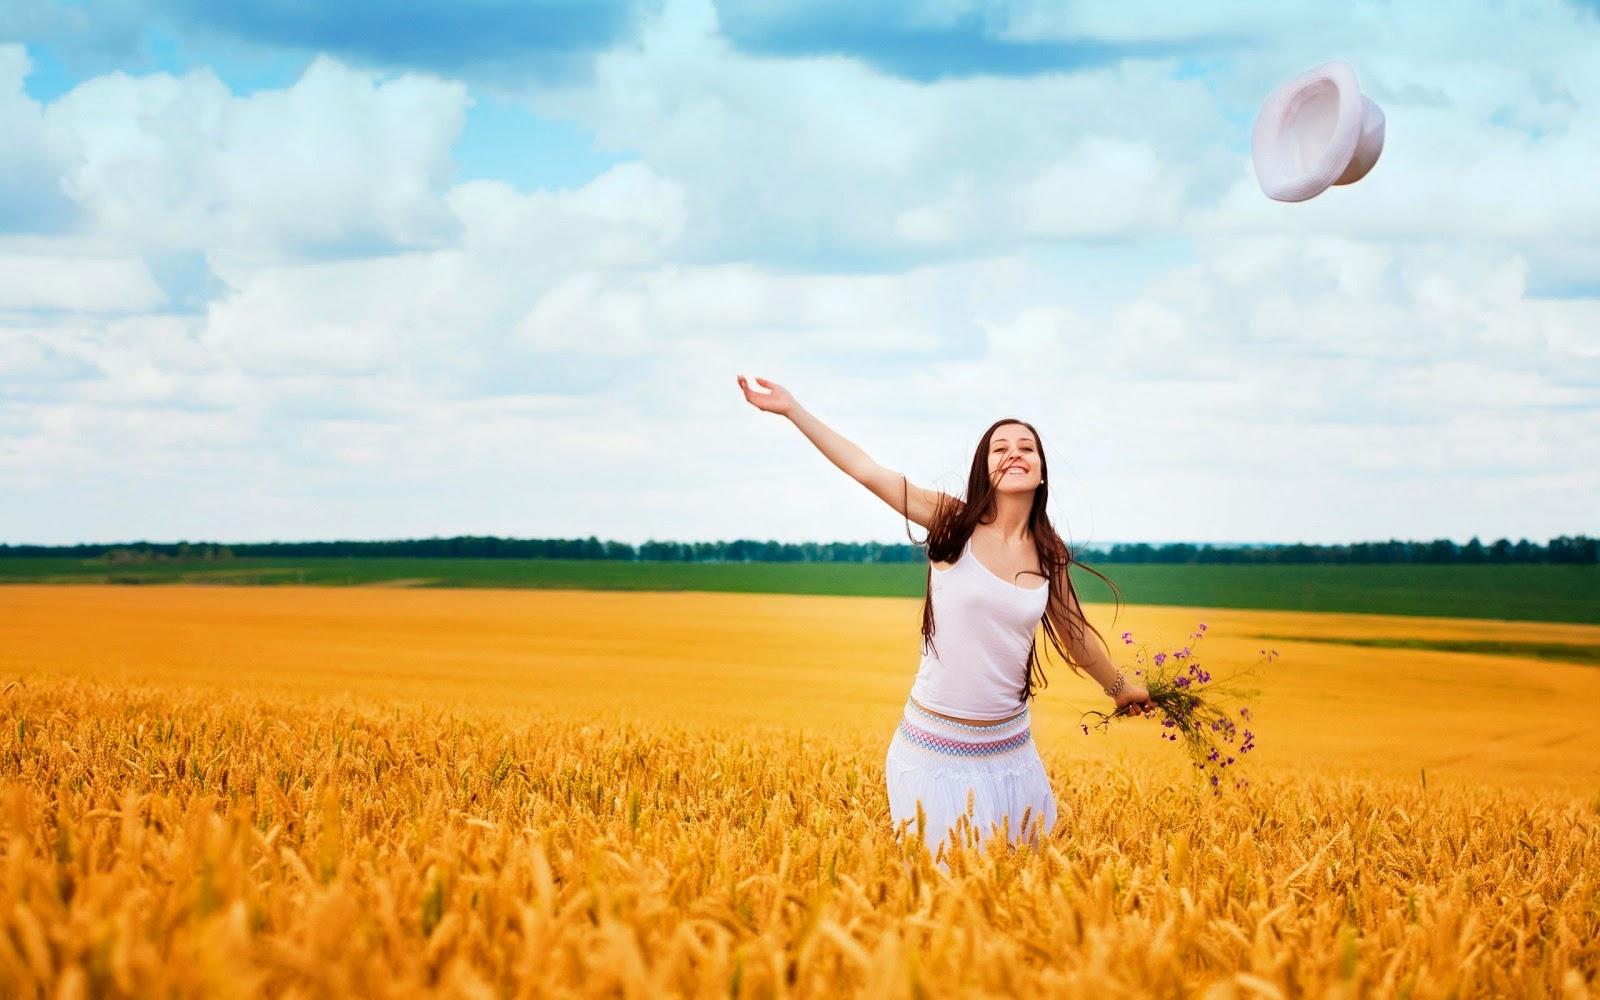 прекрасная девушка в поле, здравствуй мир